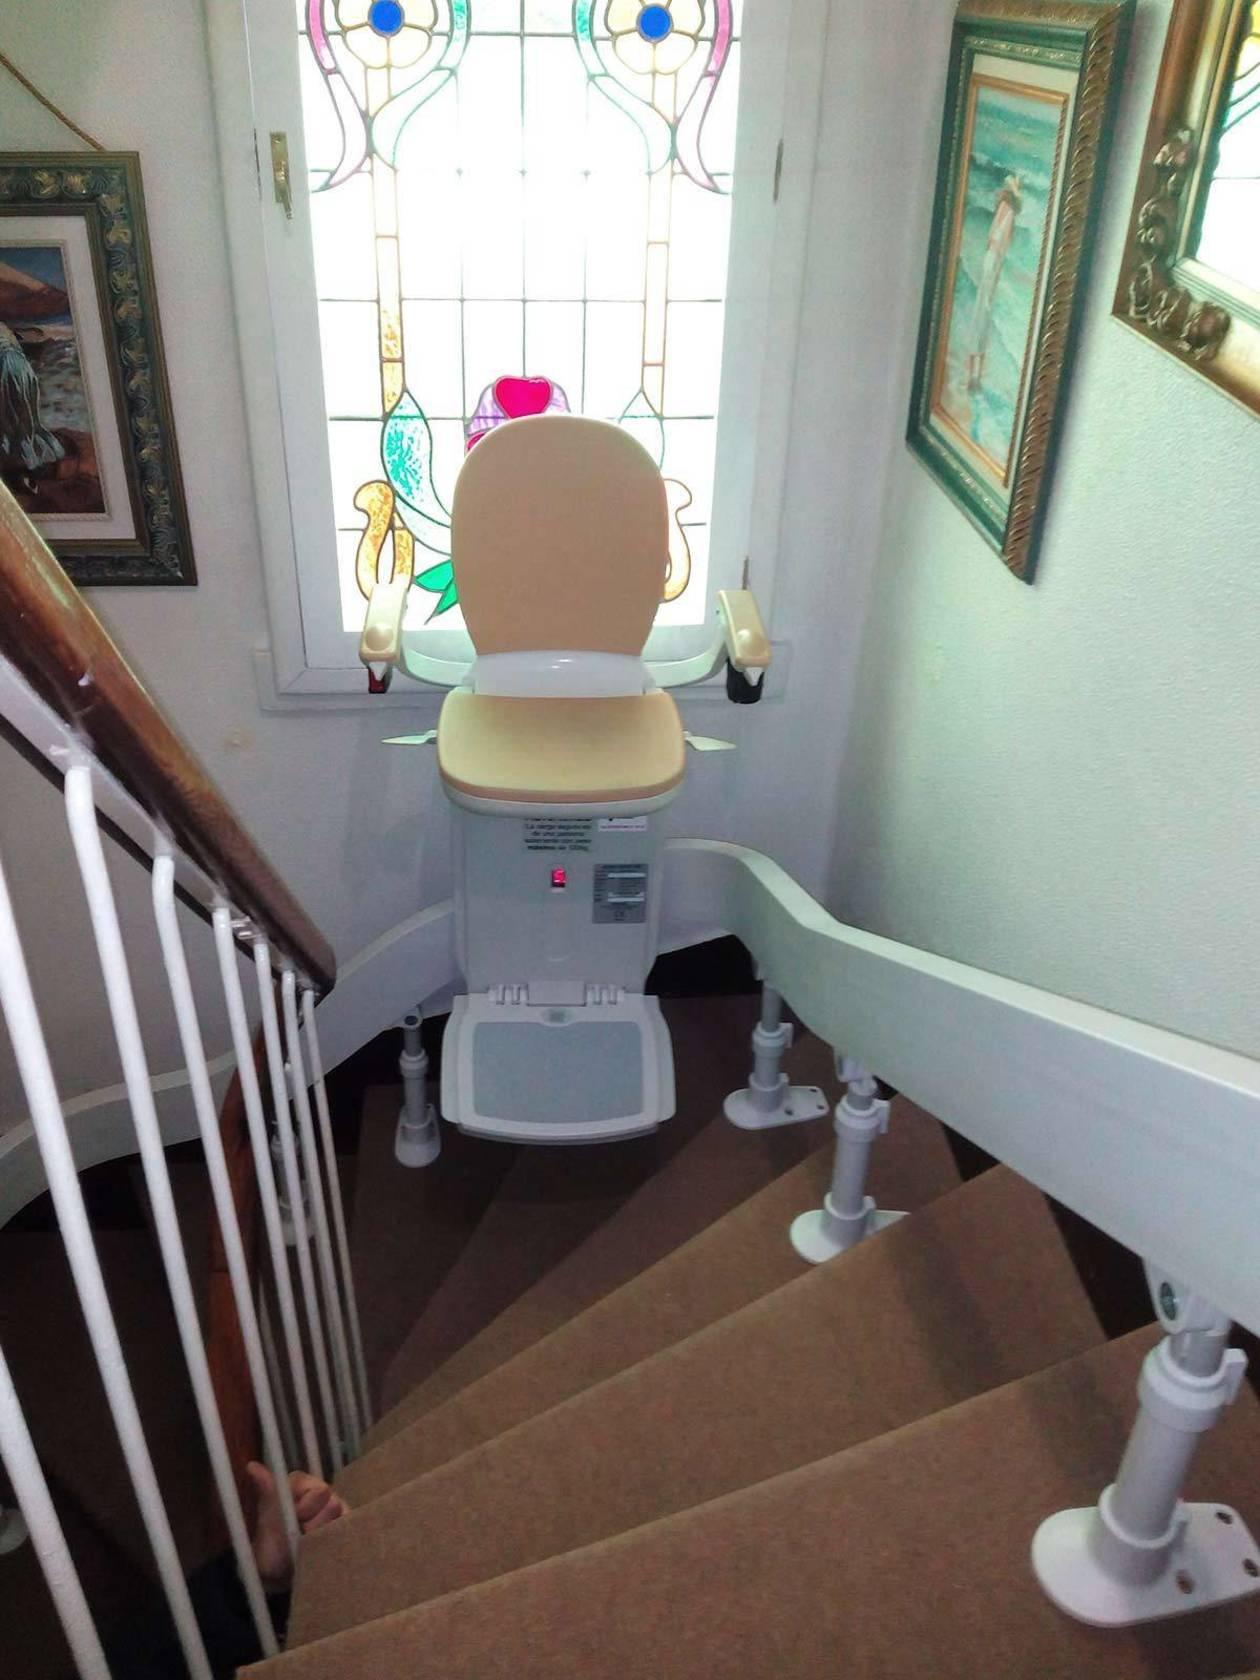 Vista de la silla en la curva de una escalera de caracol